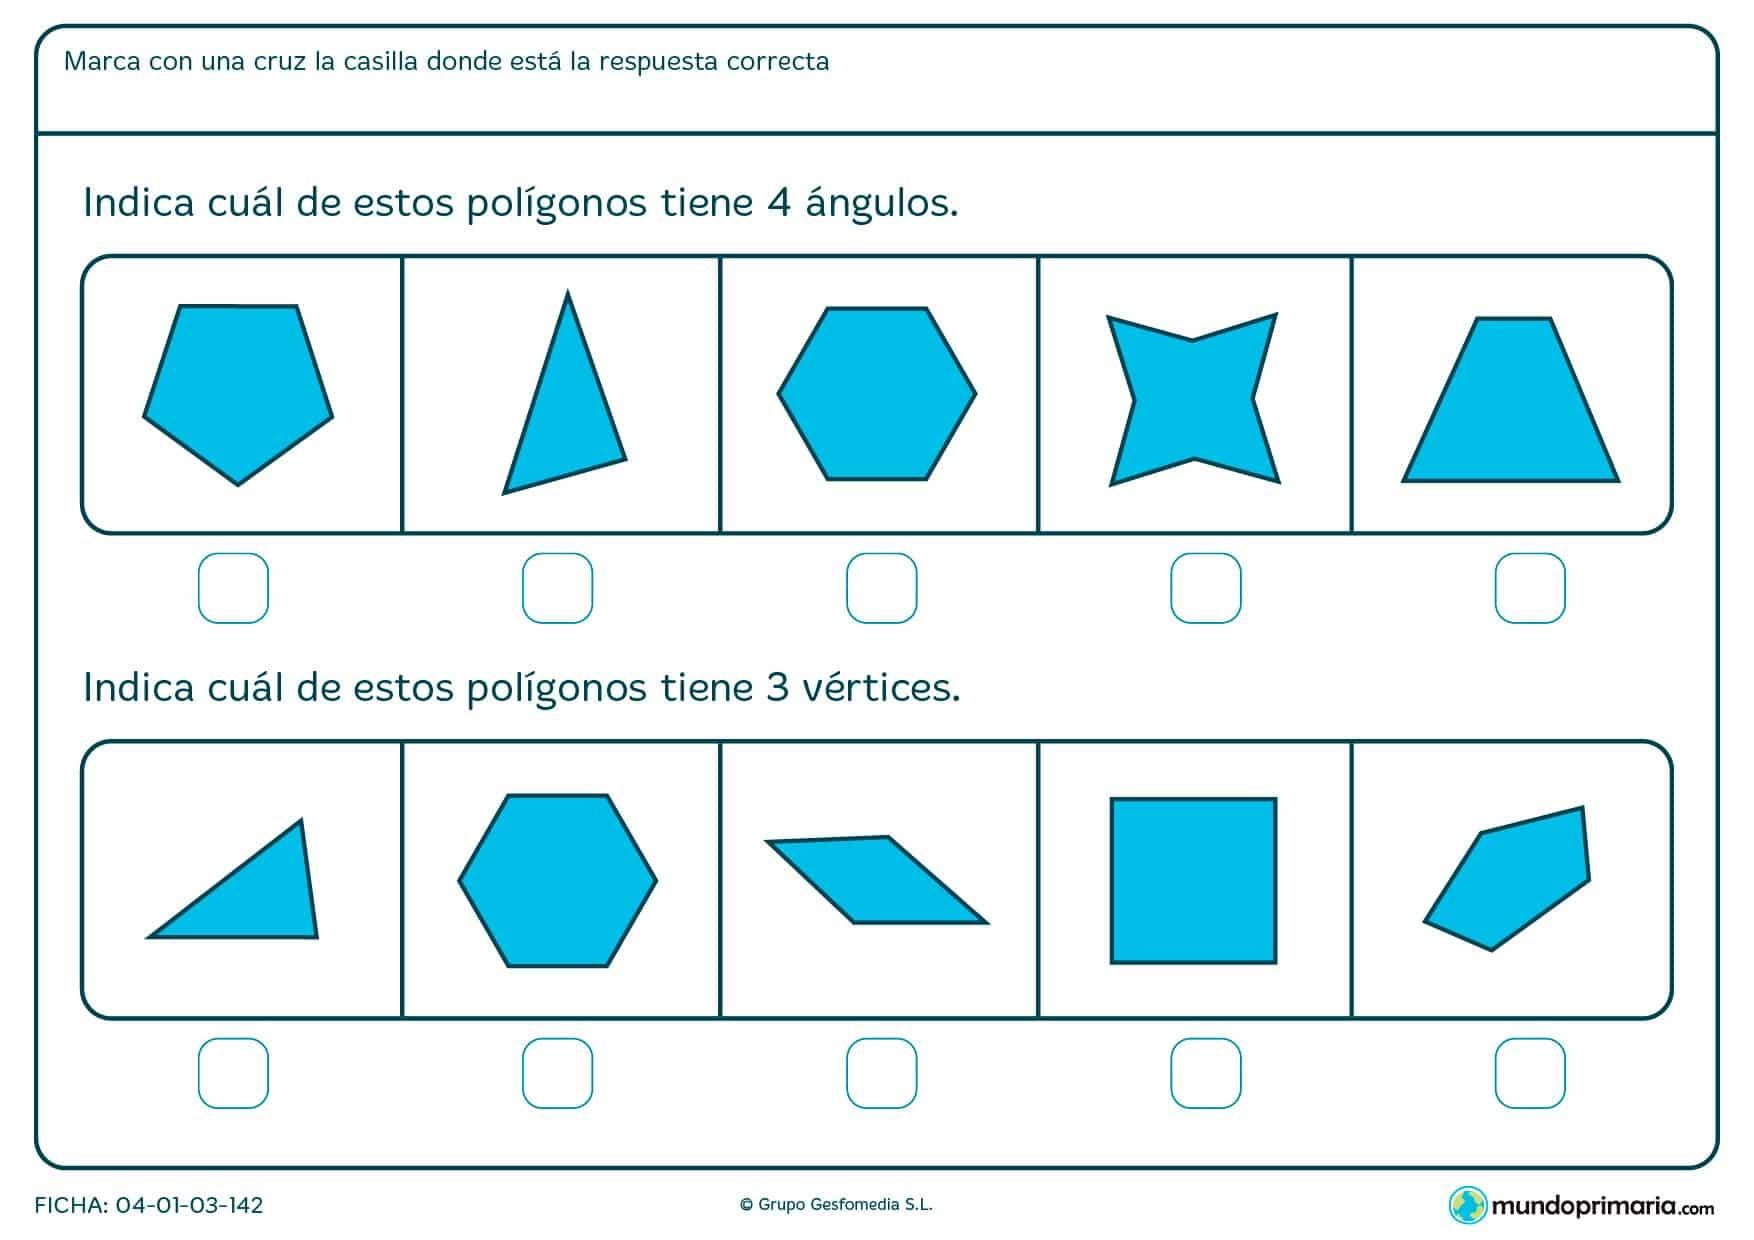 Ficha sobre vértices y ángulos para contarlos en los polígonos y señalar en la ficha las figuras que se corresponden con ellos.